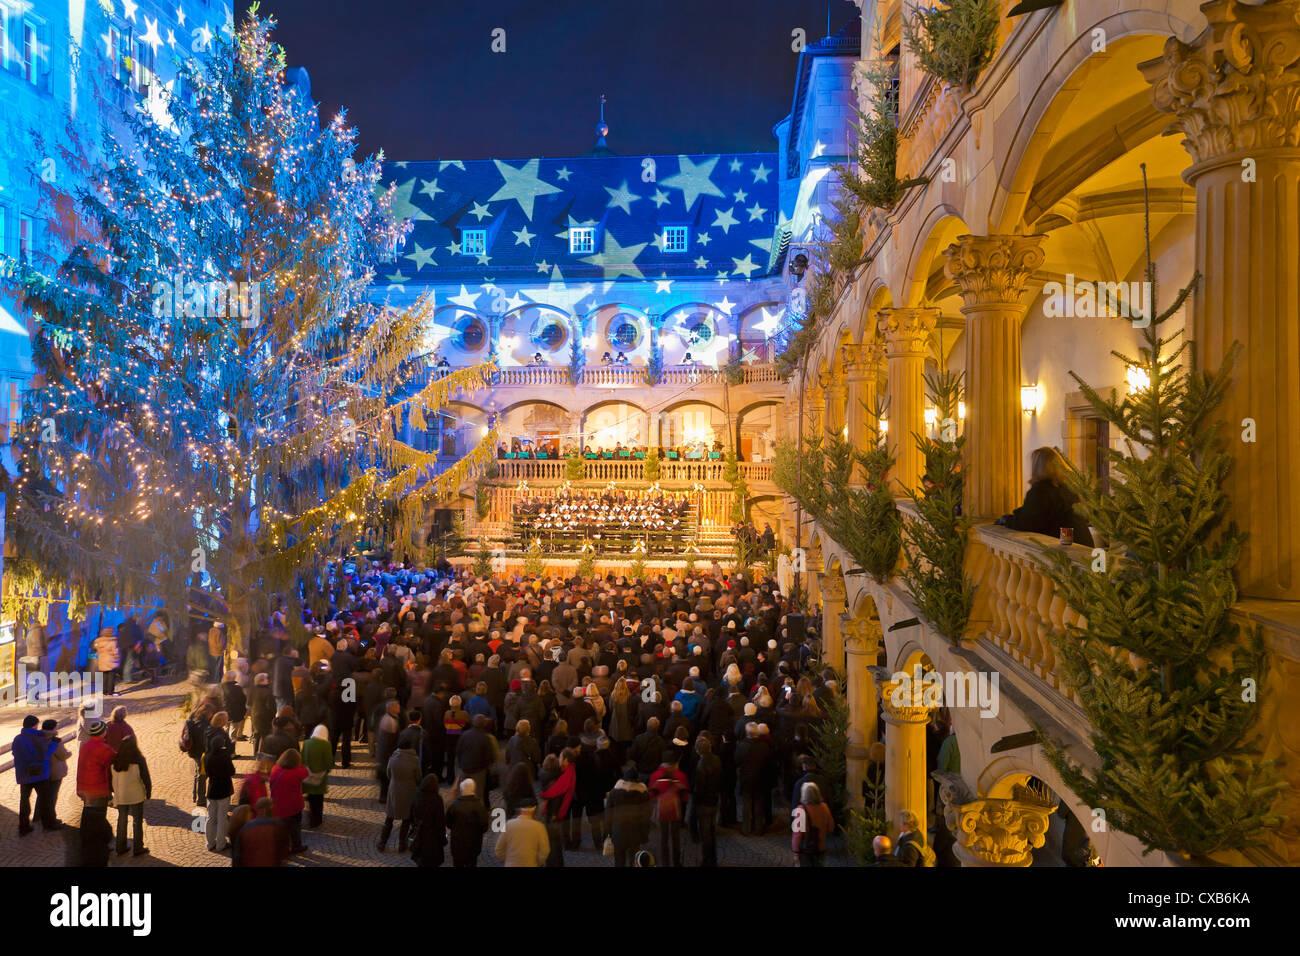 Eröffnung Weihnachtsmarkt Stuttgart 2019.Eröffnung Des Weihnachtsmarkt Konzert Im Innenhof Der Alten Burg